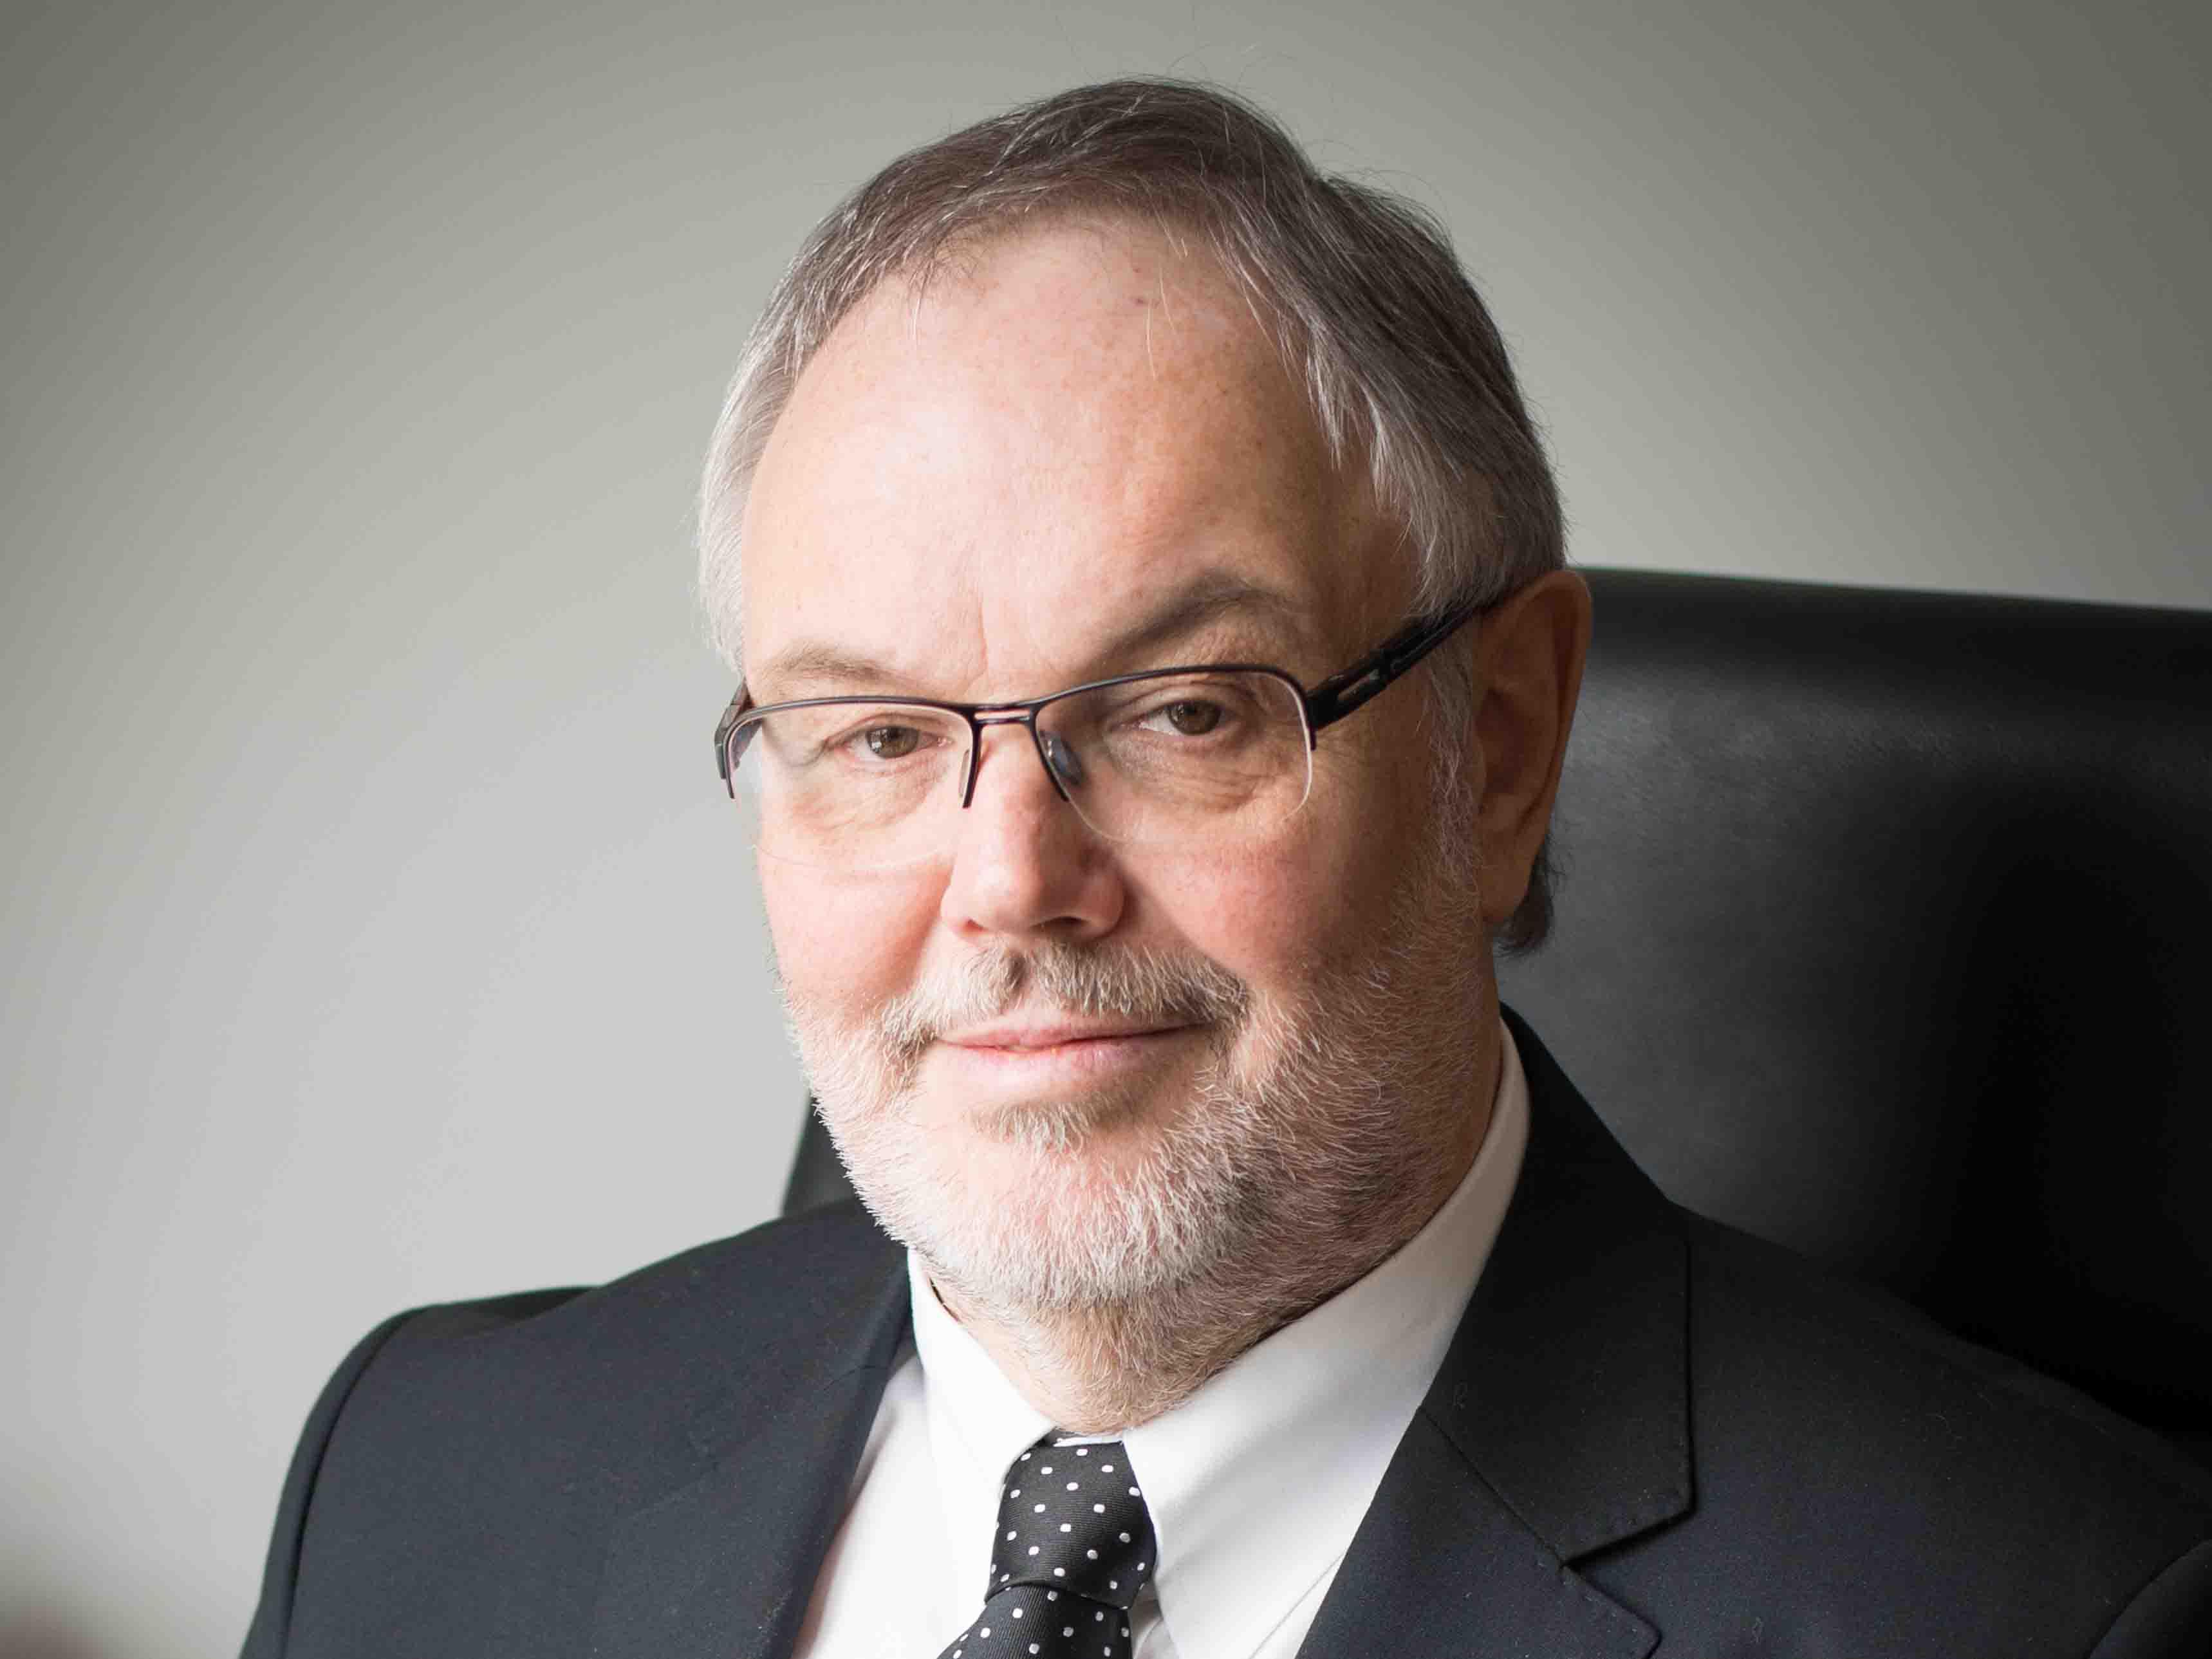 Helmut Weiß ist Ihr Anwalt für Familienrecht